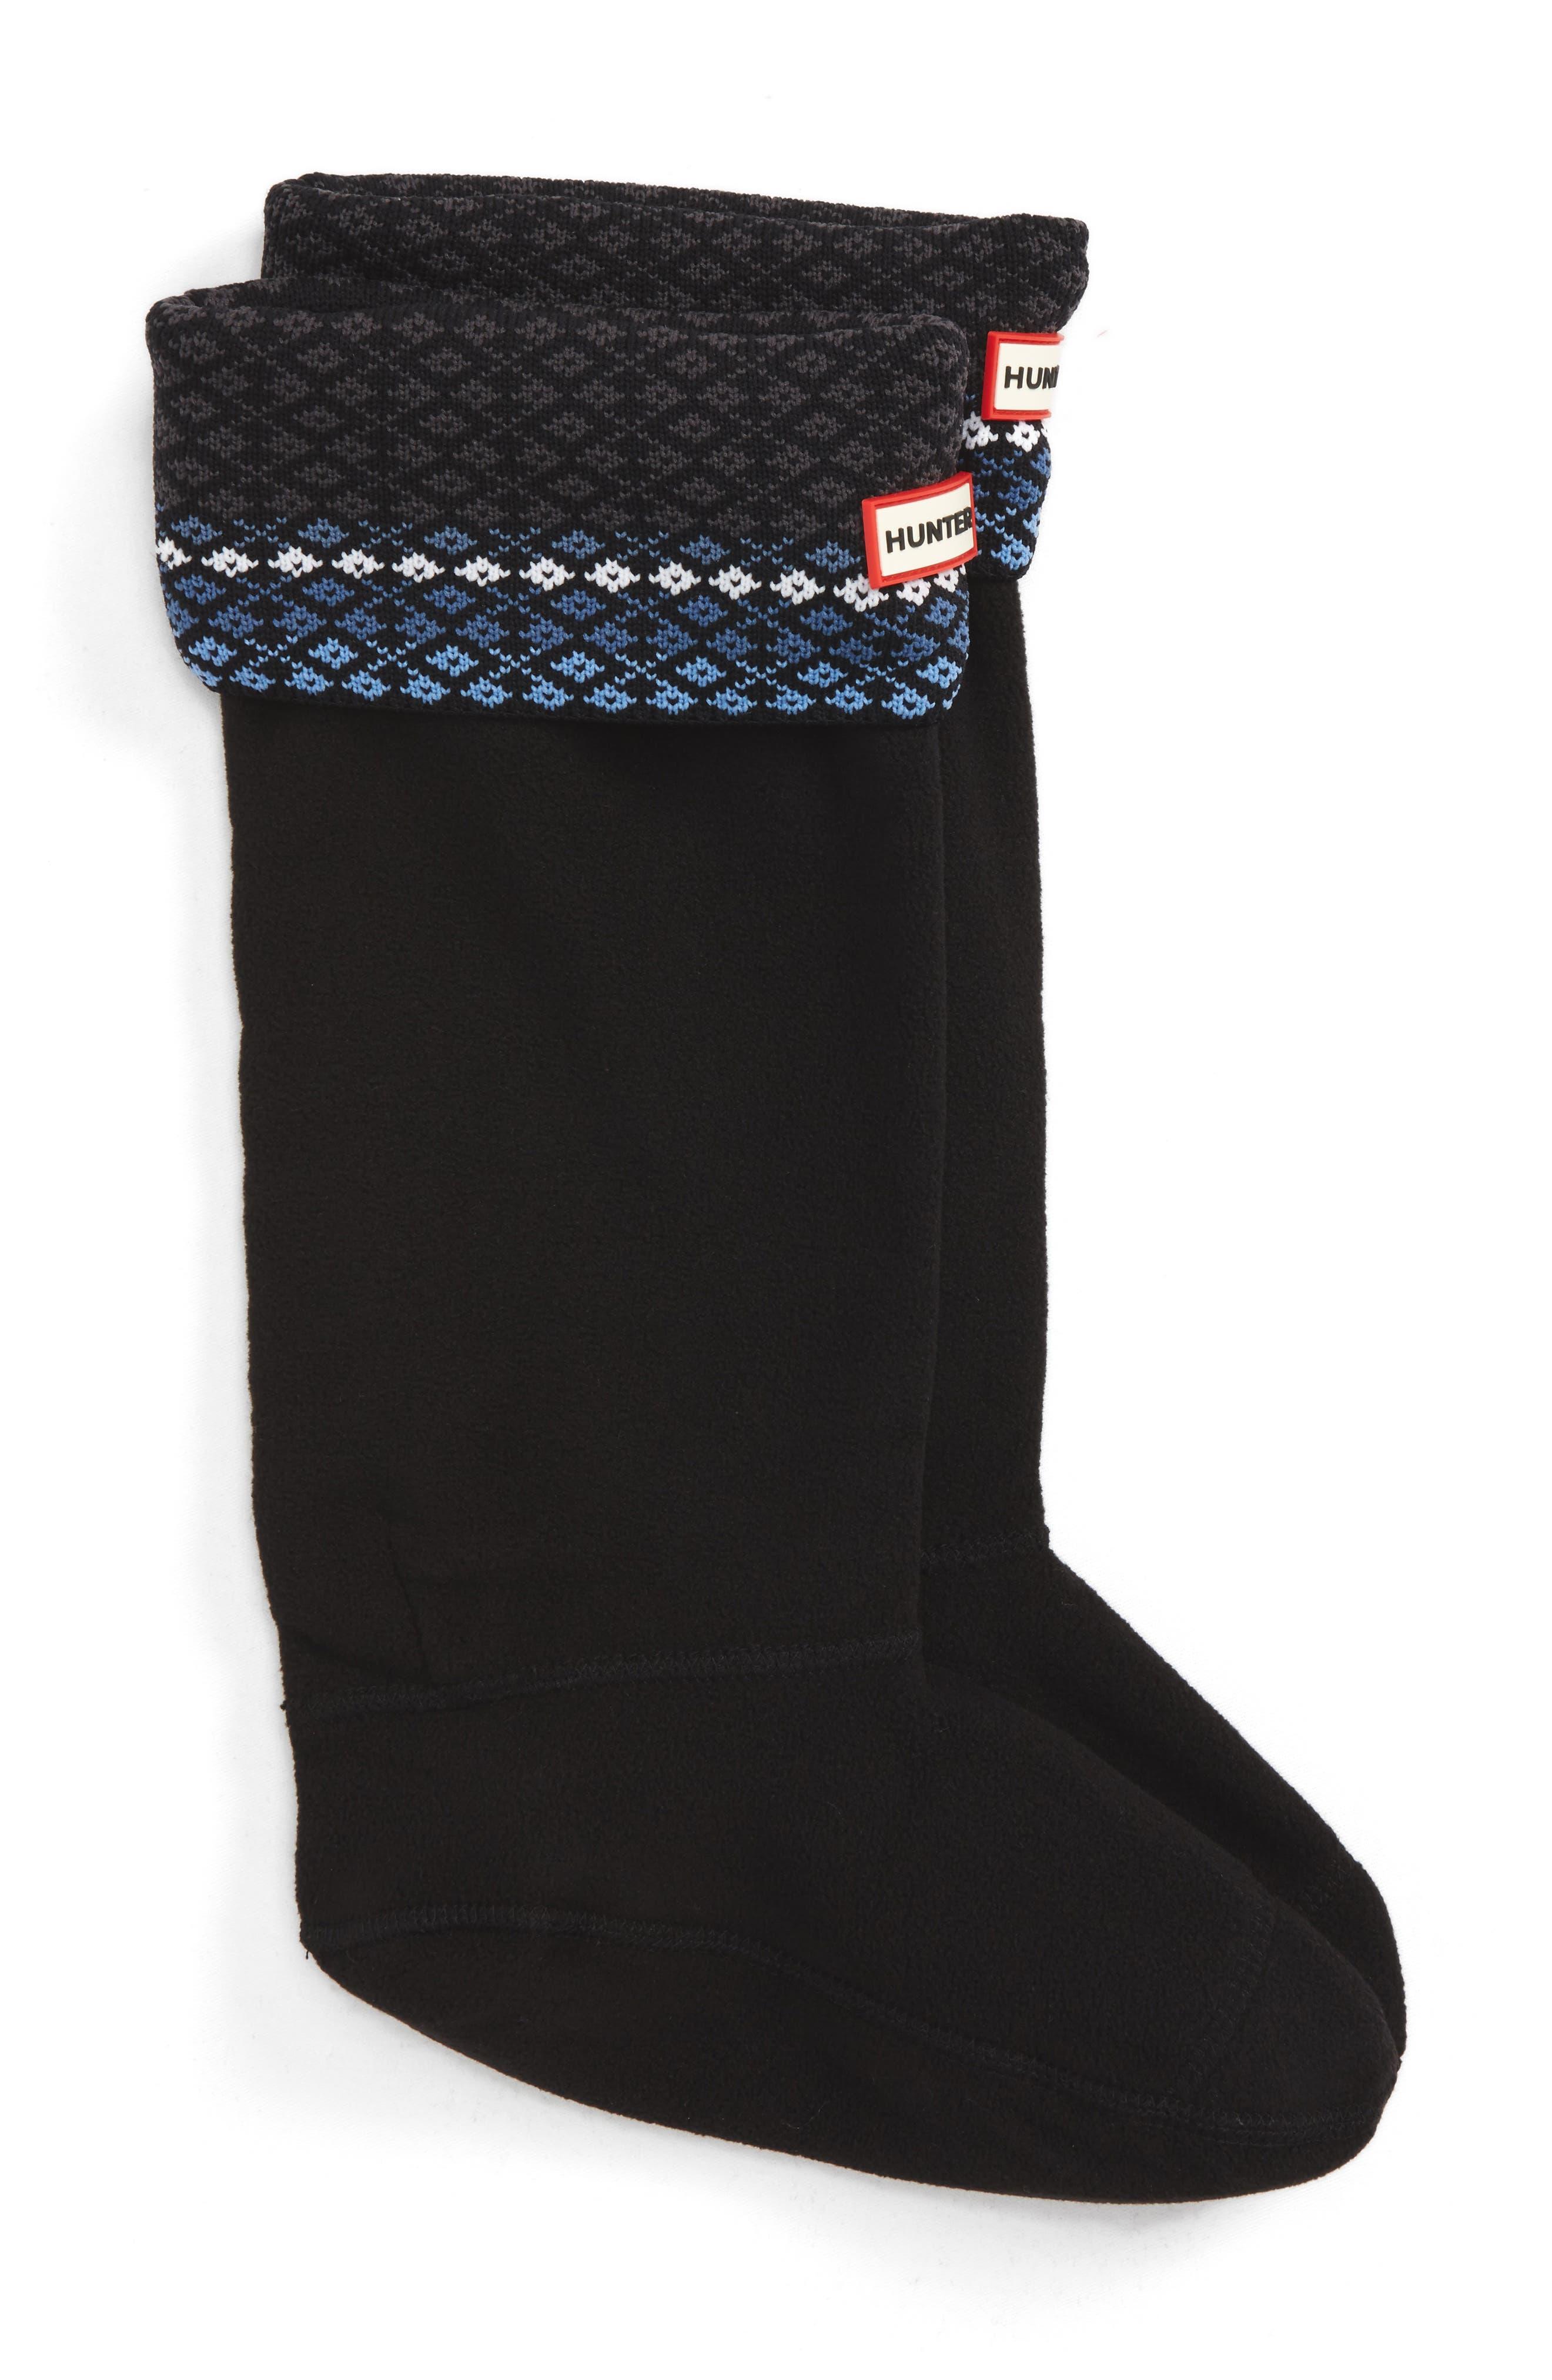 Main Image - Hunter Tall Fair Isle Boot Socks (Women)